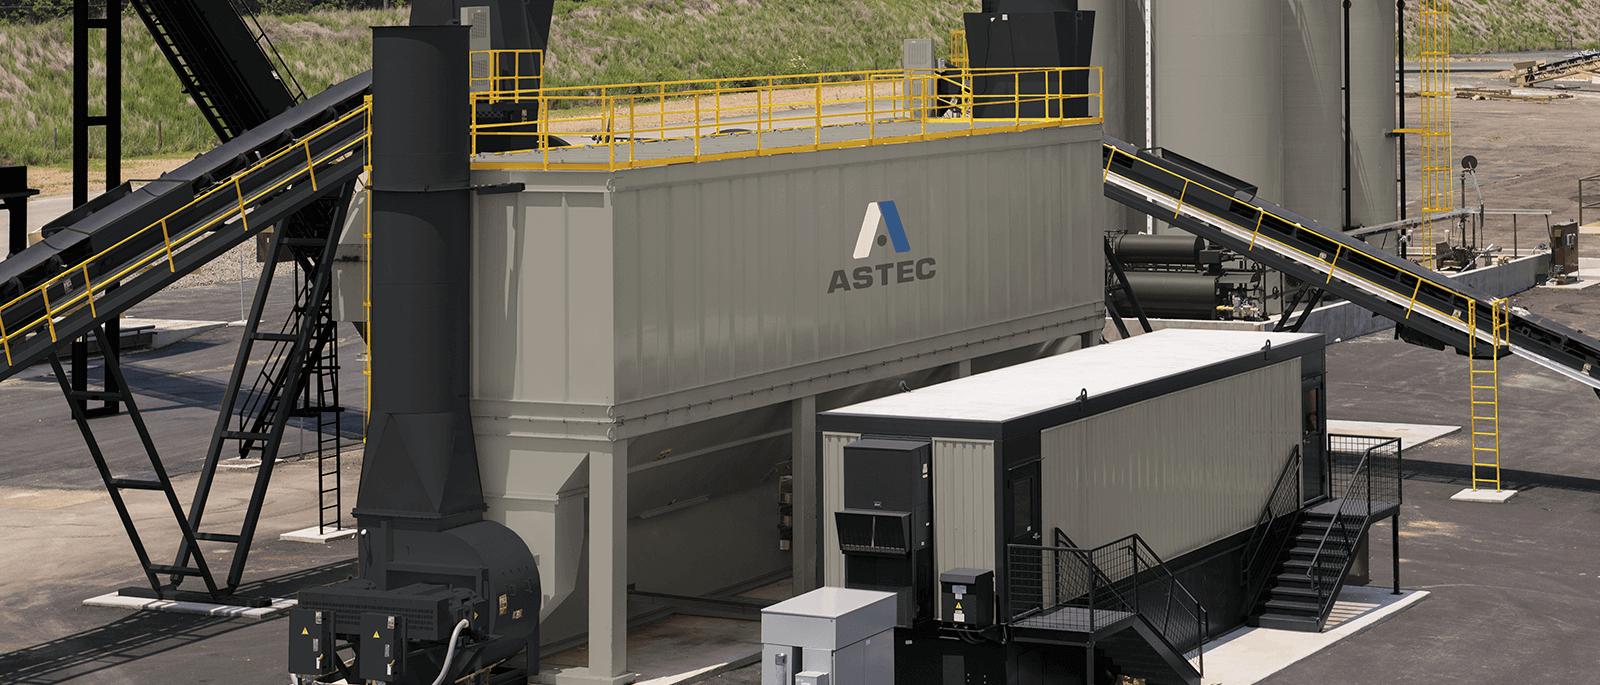 Astec pulse jet baghouse for asphalt plants